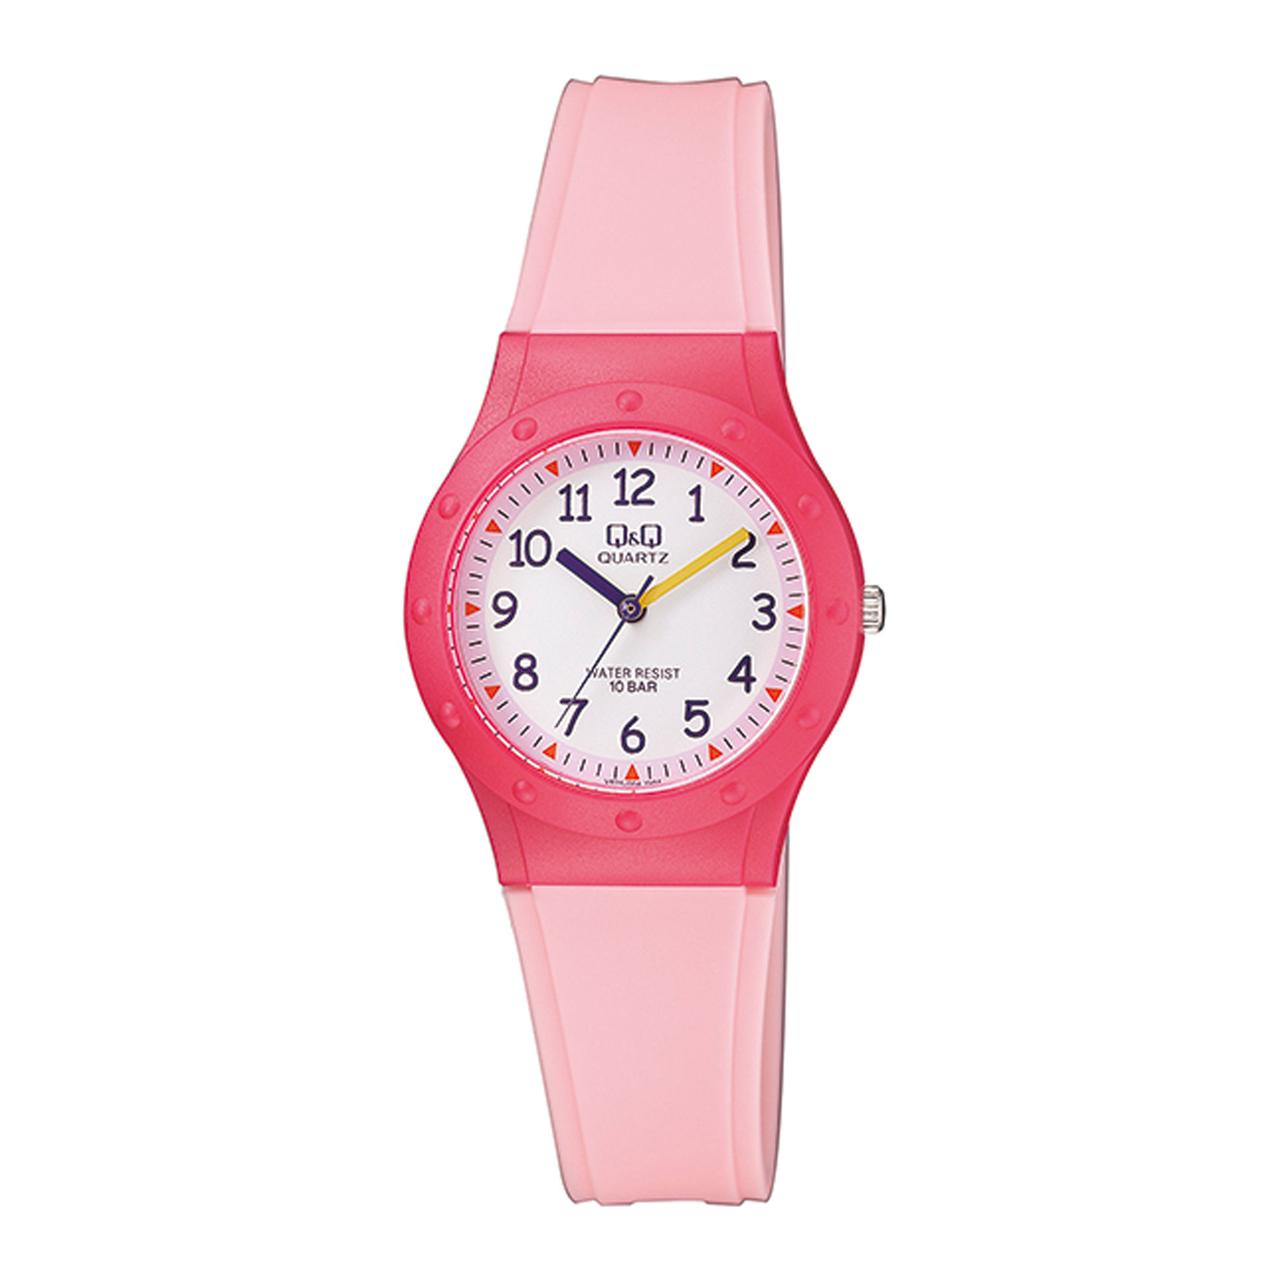 خرید ساعت مچی عقربه ای دخترانه کیو اند کیو مدل vr75j004y به همراه دستمال مخصوص برند کلین واچ